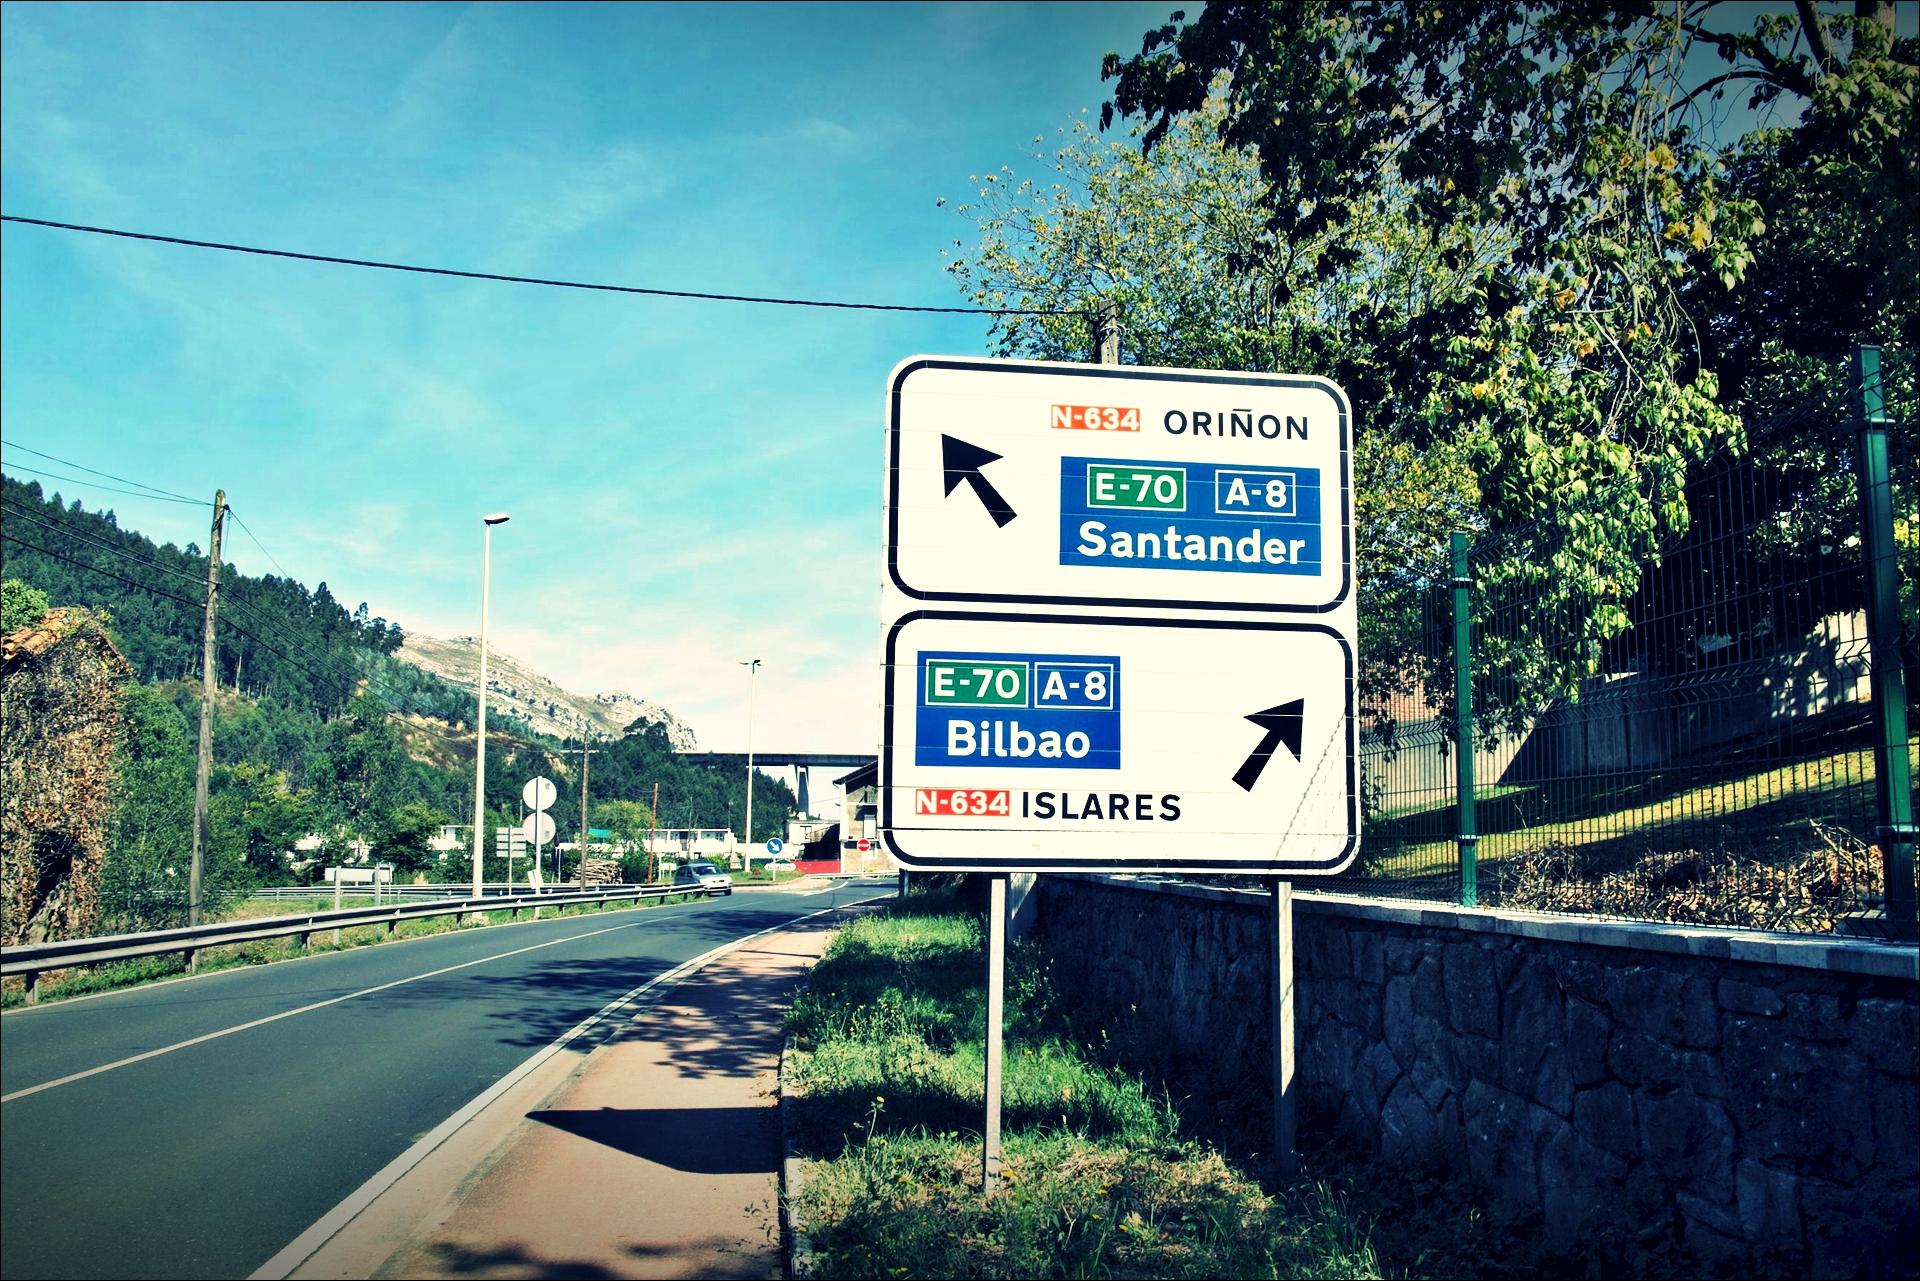 이정표 산탄데르, 빌바오-'카미노 데 산티아고 북쪽길. 카스트로 우르디알레스에서 리엔도. (Camino del Norte - Castro Urdiales to Liendo) '